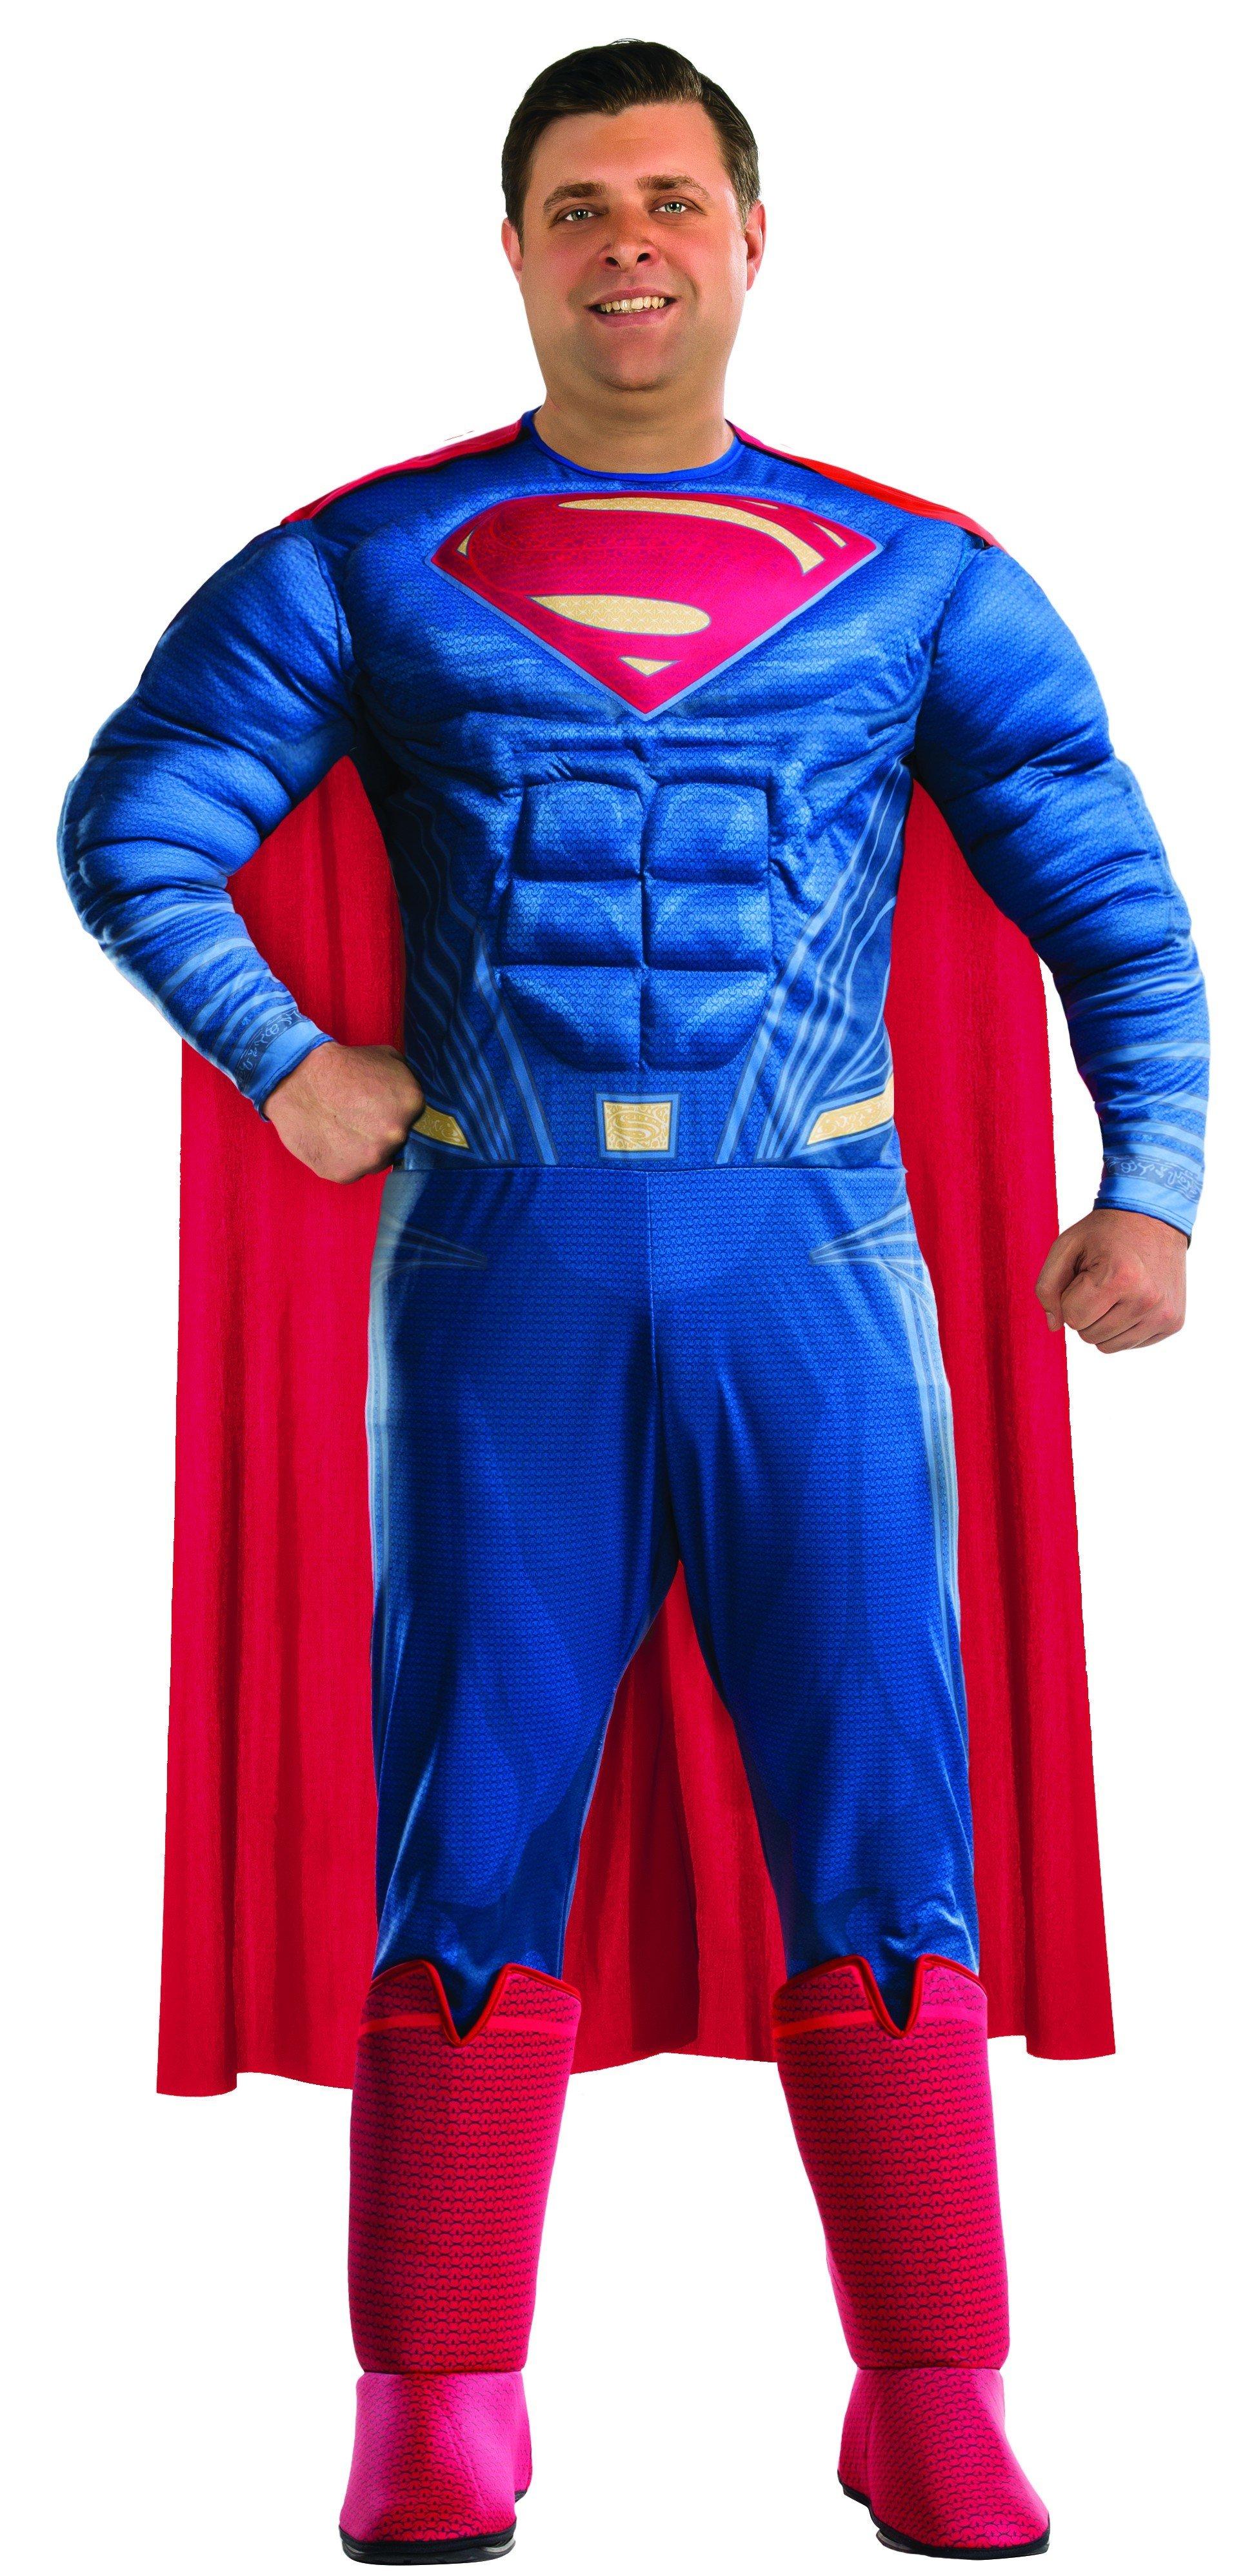 костюм супергероя фото всегда хотели